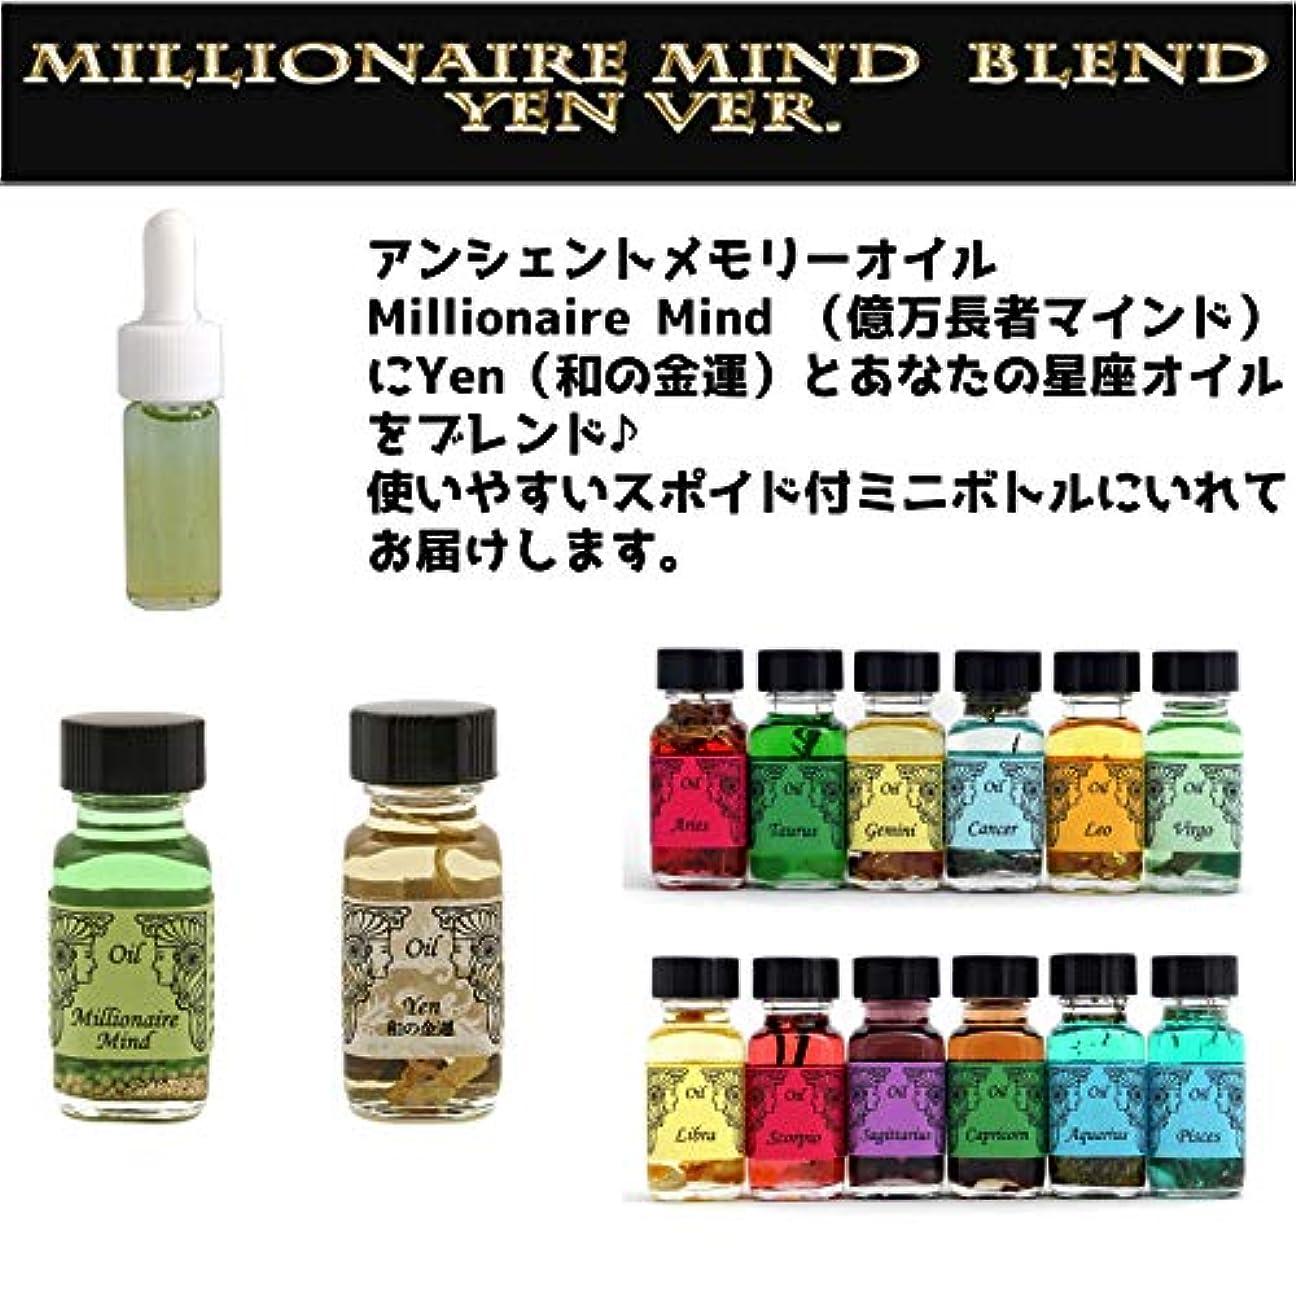 頻繁にメダリスト暗くするアンシェントメモリーオイル Millionaire Mind 億万長者マインド ブレンド【Yen 和の金運&さそり座】